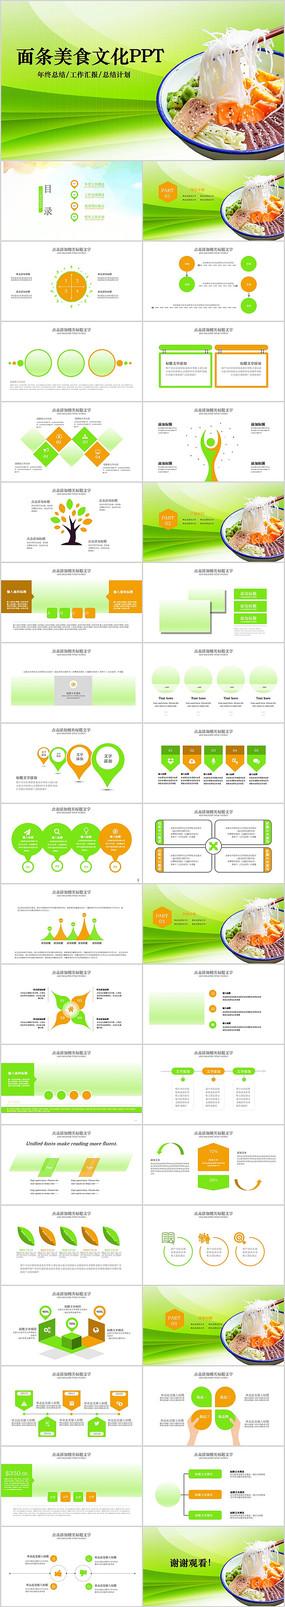 绿色健康餐饮美食饮食文化面条PPT